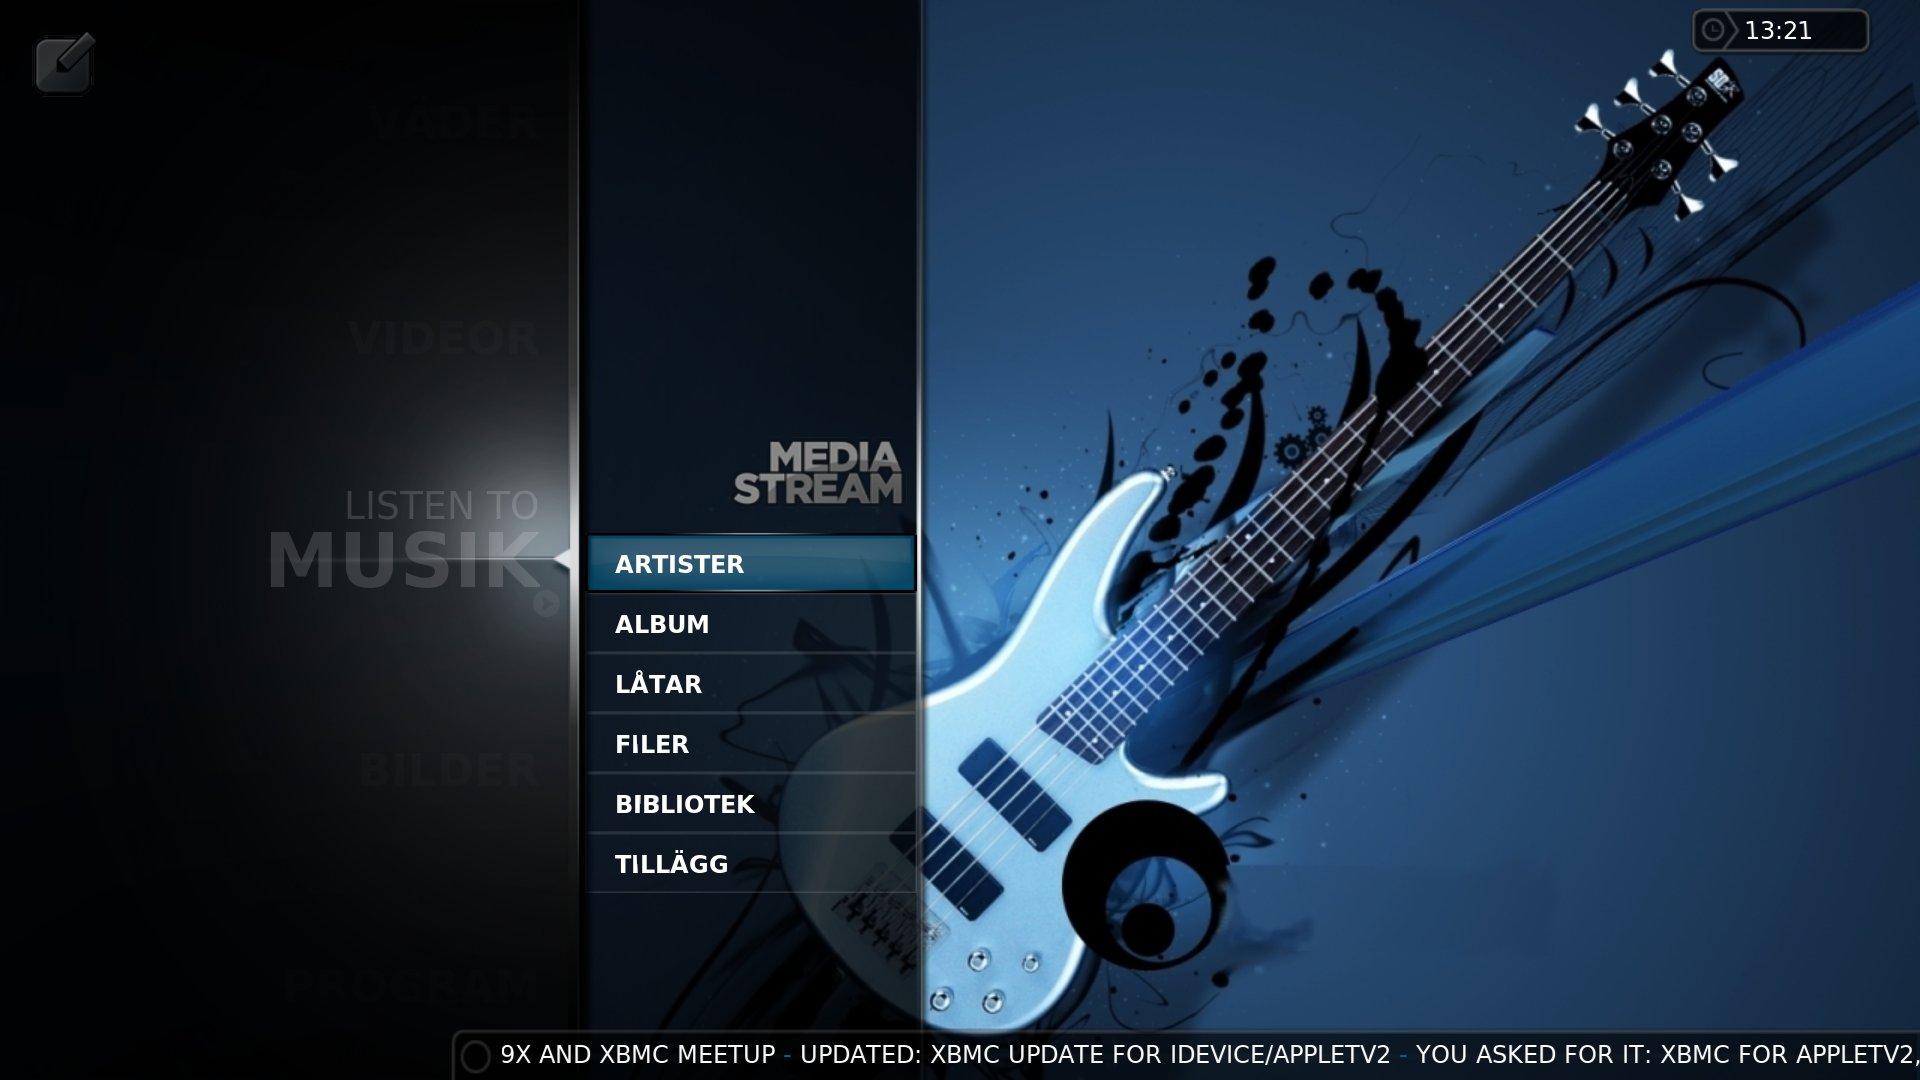 mediamusic1